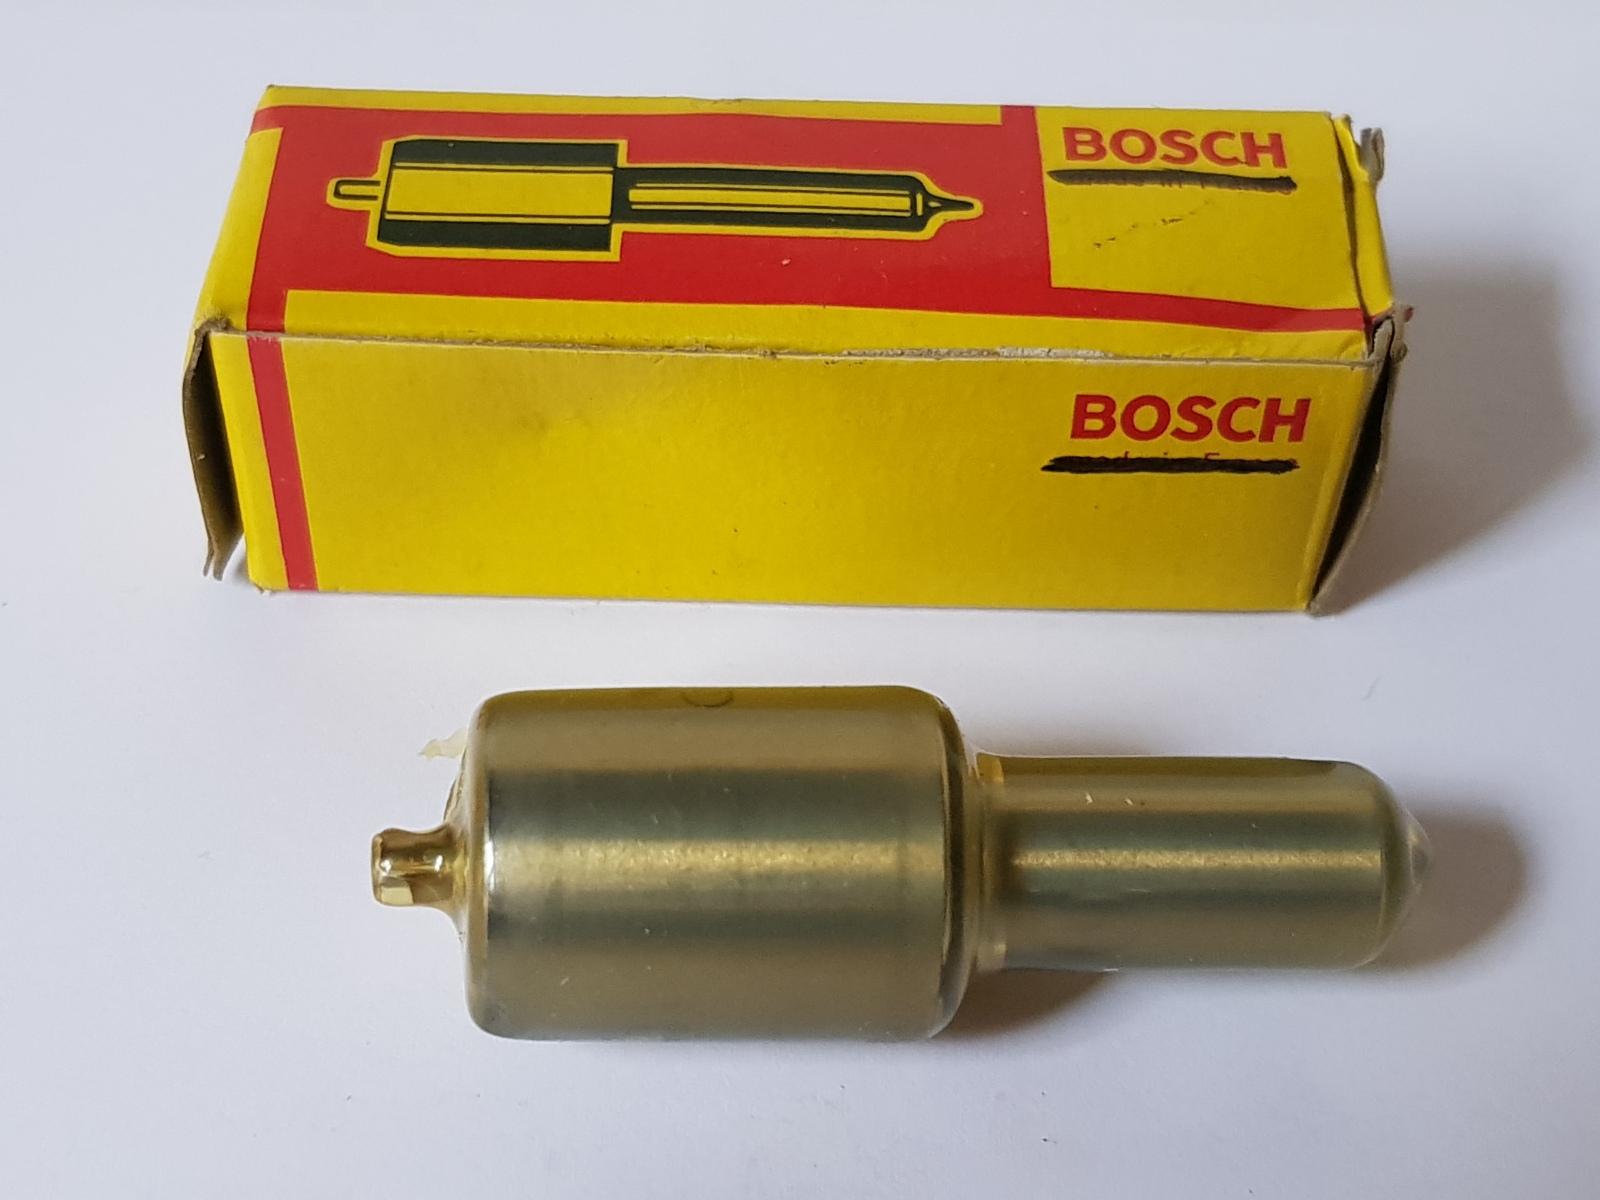 Bosch  Einspritzdüse 0433270159 DLL150S612 Klasse 1 Sacklochdüse Diesel